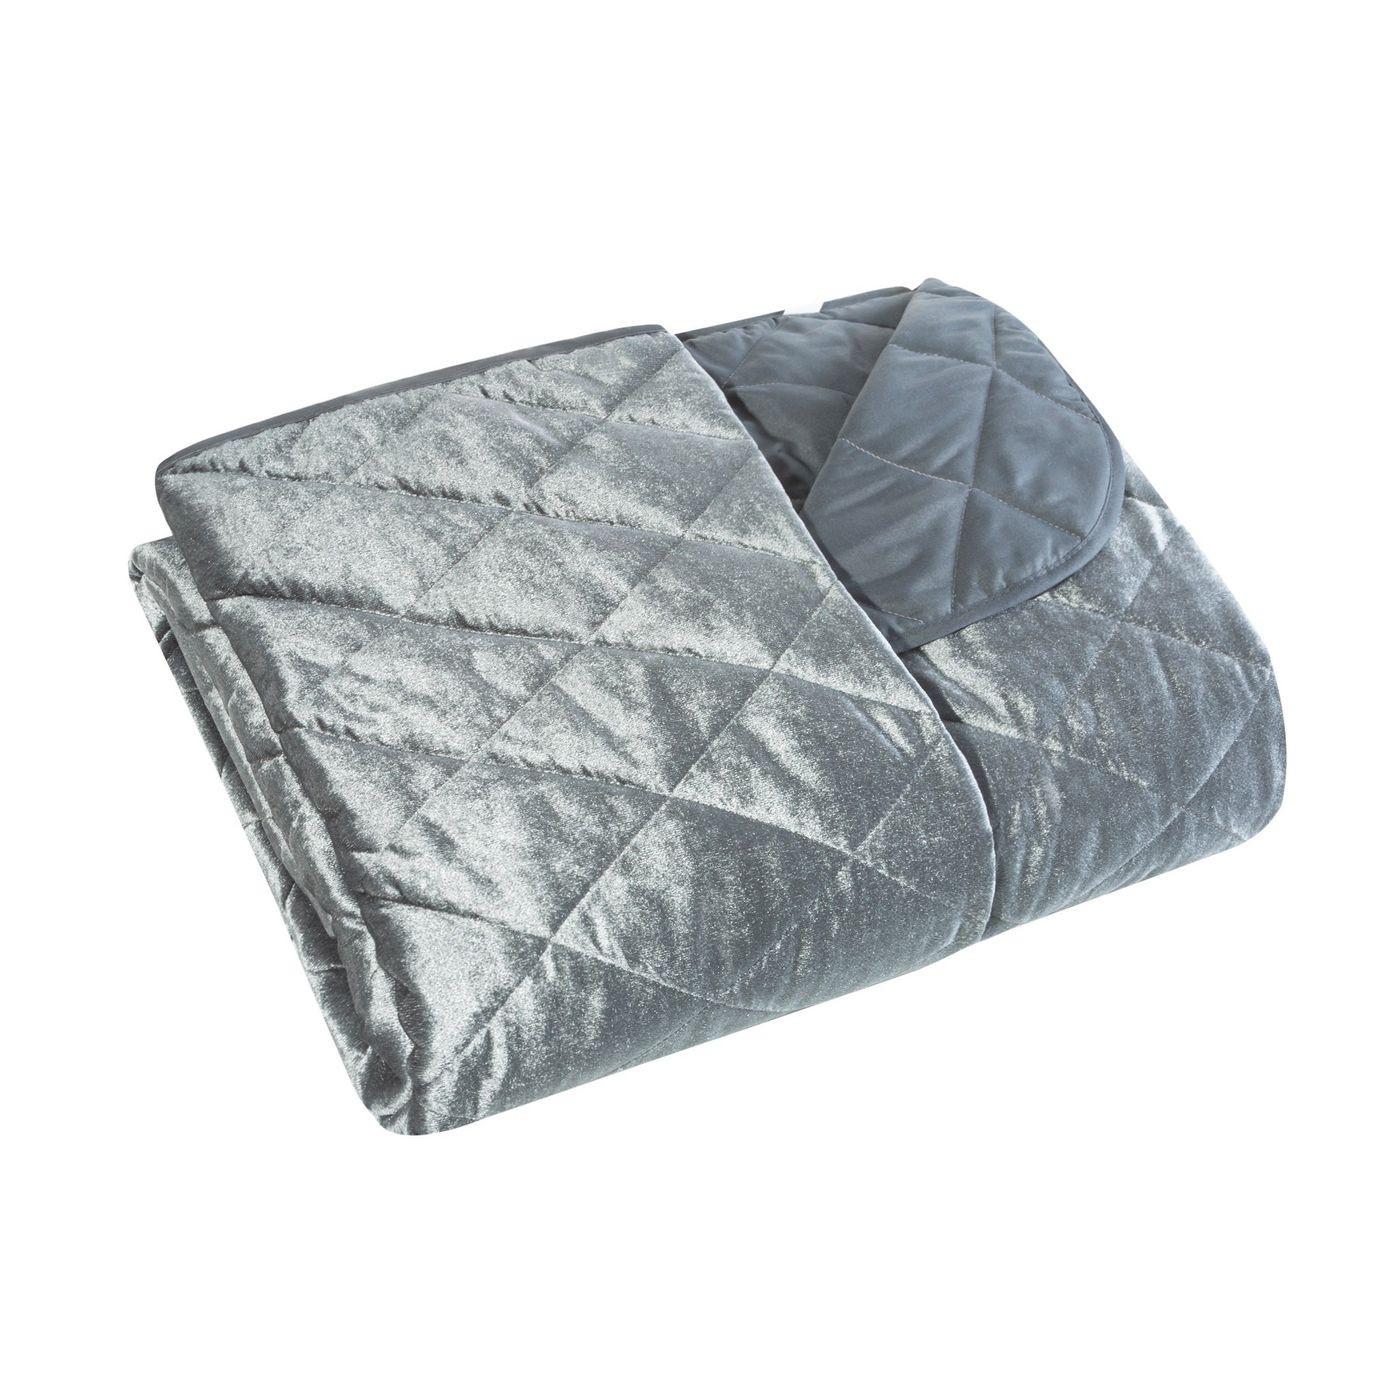 Narzuta na łóżko welwetowa pikowana 170x210 cm stalowa